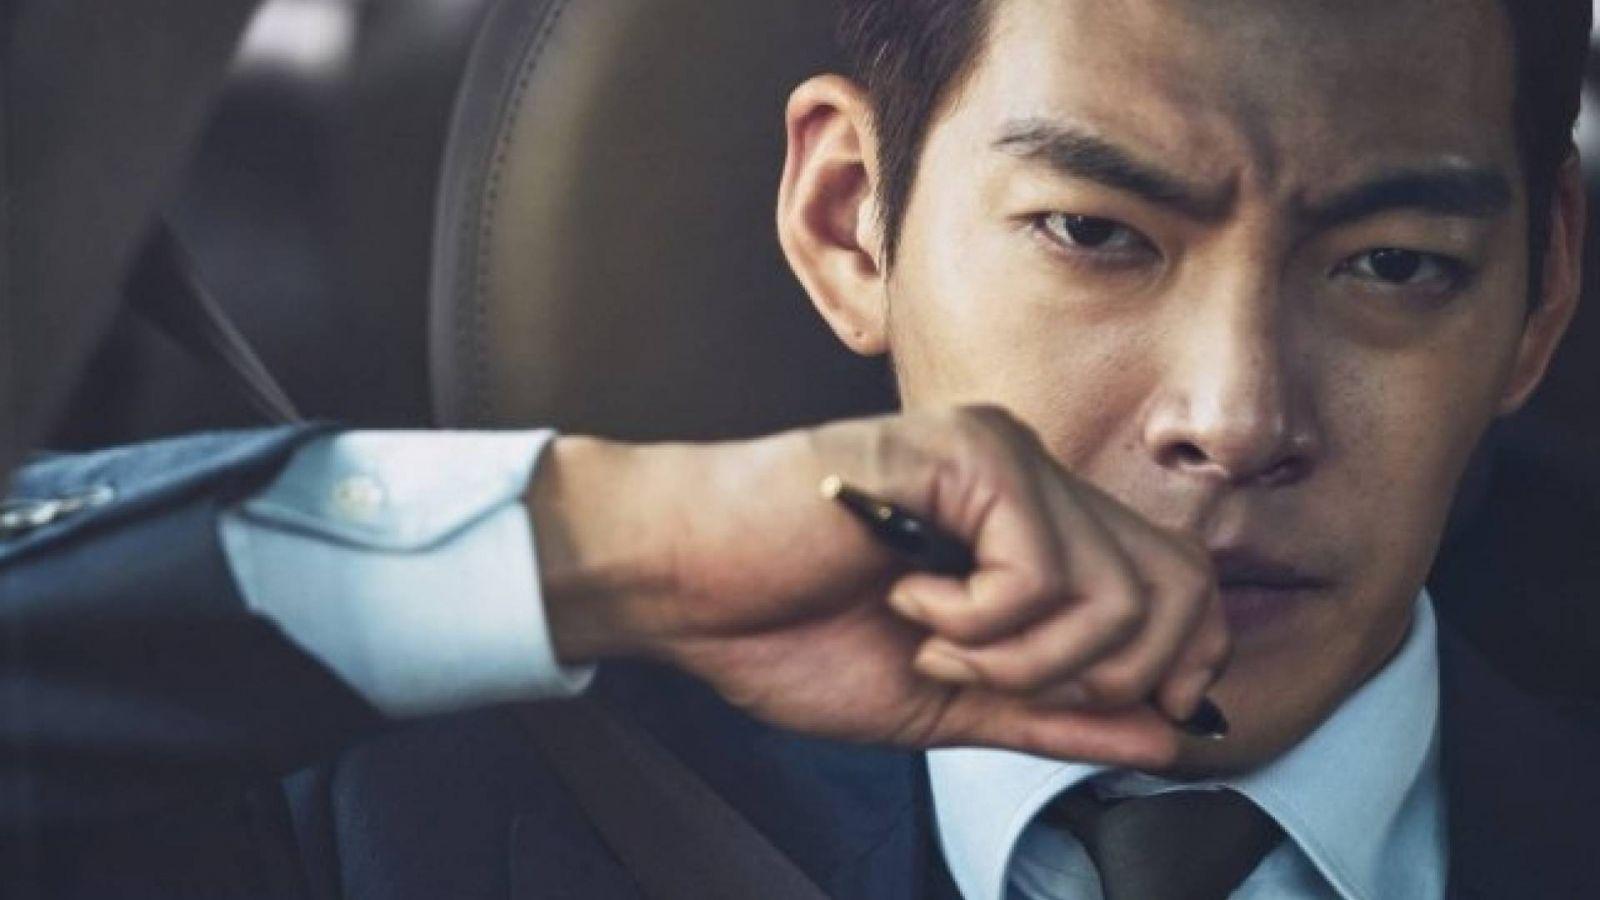 Näyttelijä Kim Woobin on sairastunut syöpään © Kim Woobin / Master. CJ E&M Corp. All Rights Reserved.